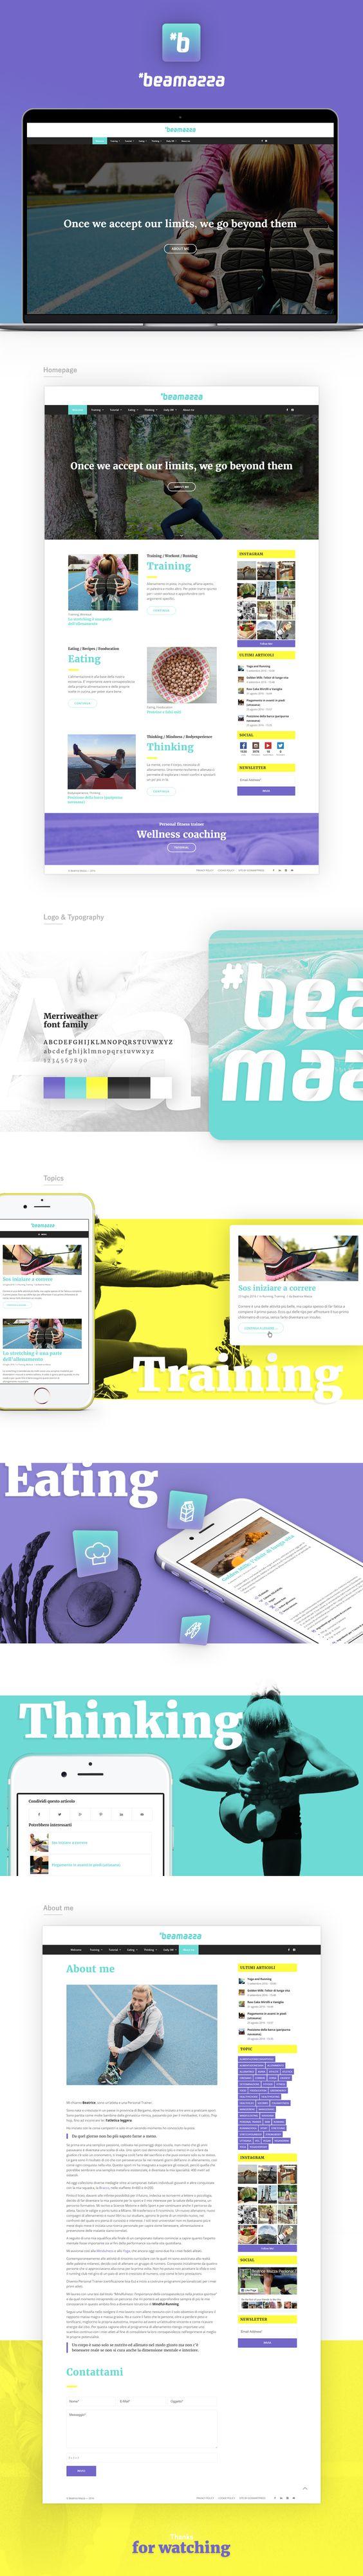 """http://www.beatricemazza.it/#beamazza è un progetto costruito """"su misura"""" insieme all'autrice, dalla grafica e stile di layout, alla cura degli articoli. La gestione dei contenuti è stata organizzata per permettere la massima autonomia e flessibilità in…"""